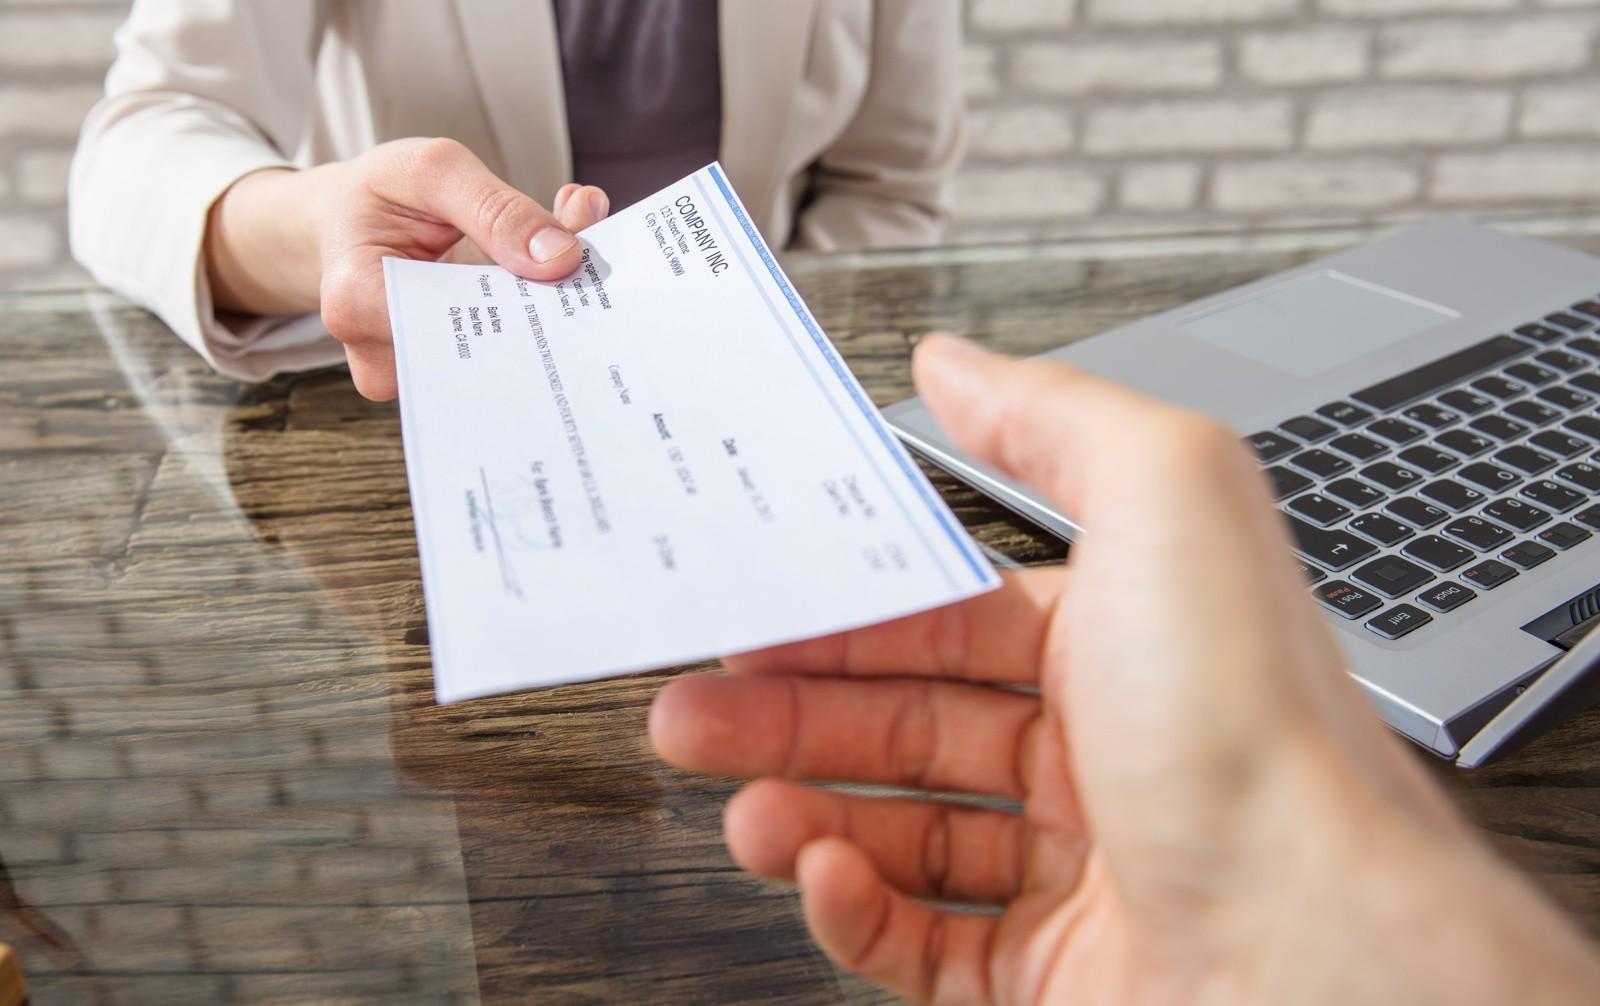 Superbonus, è nato il portale per scambiarsi i crediti fiscali